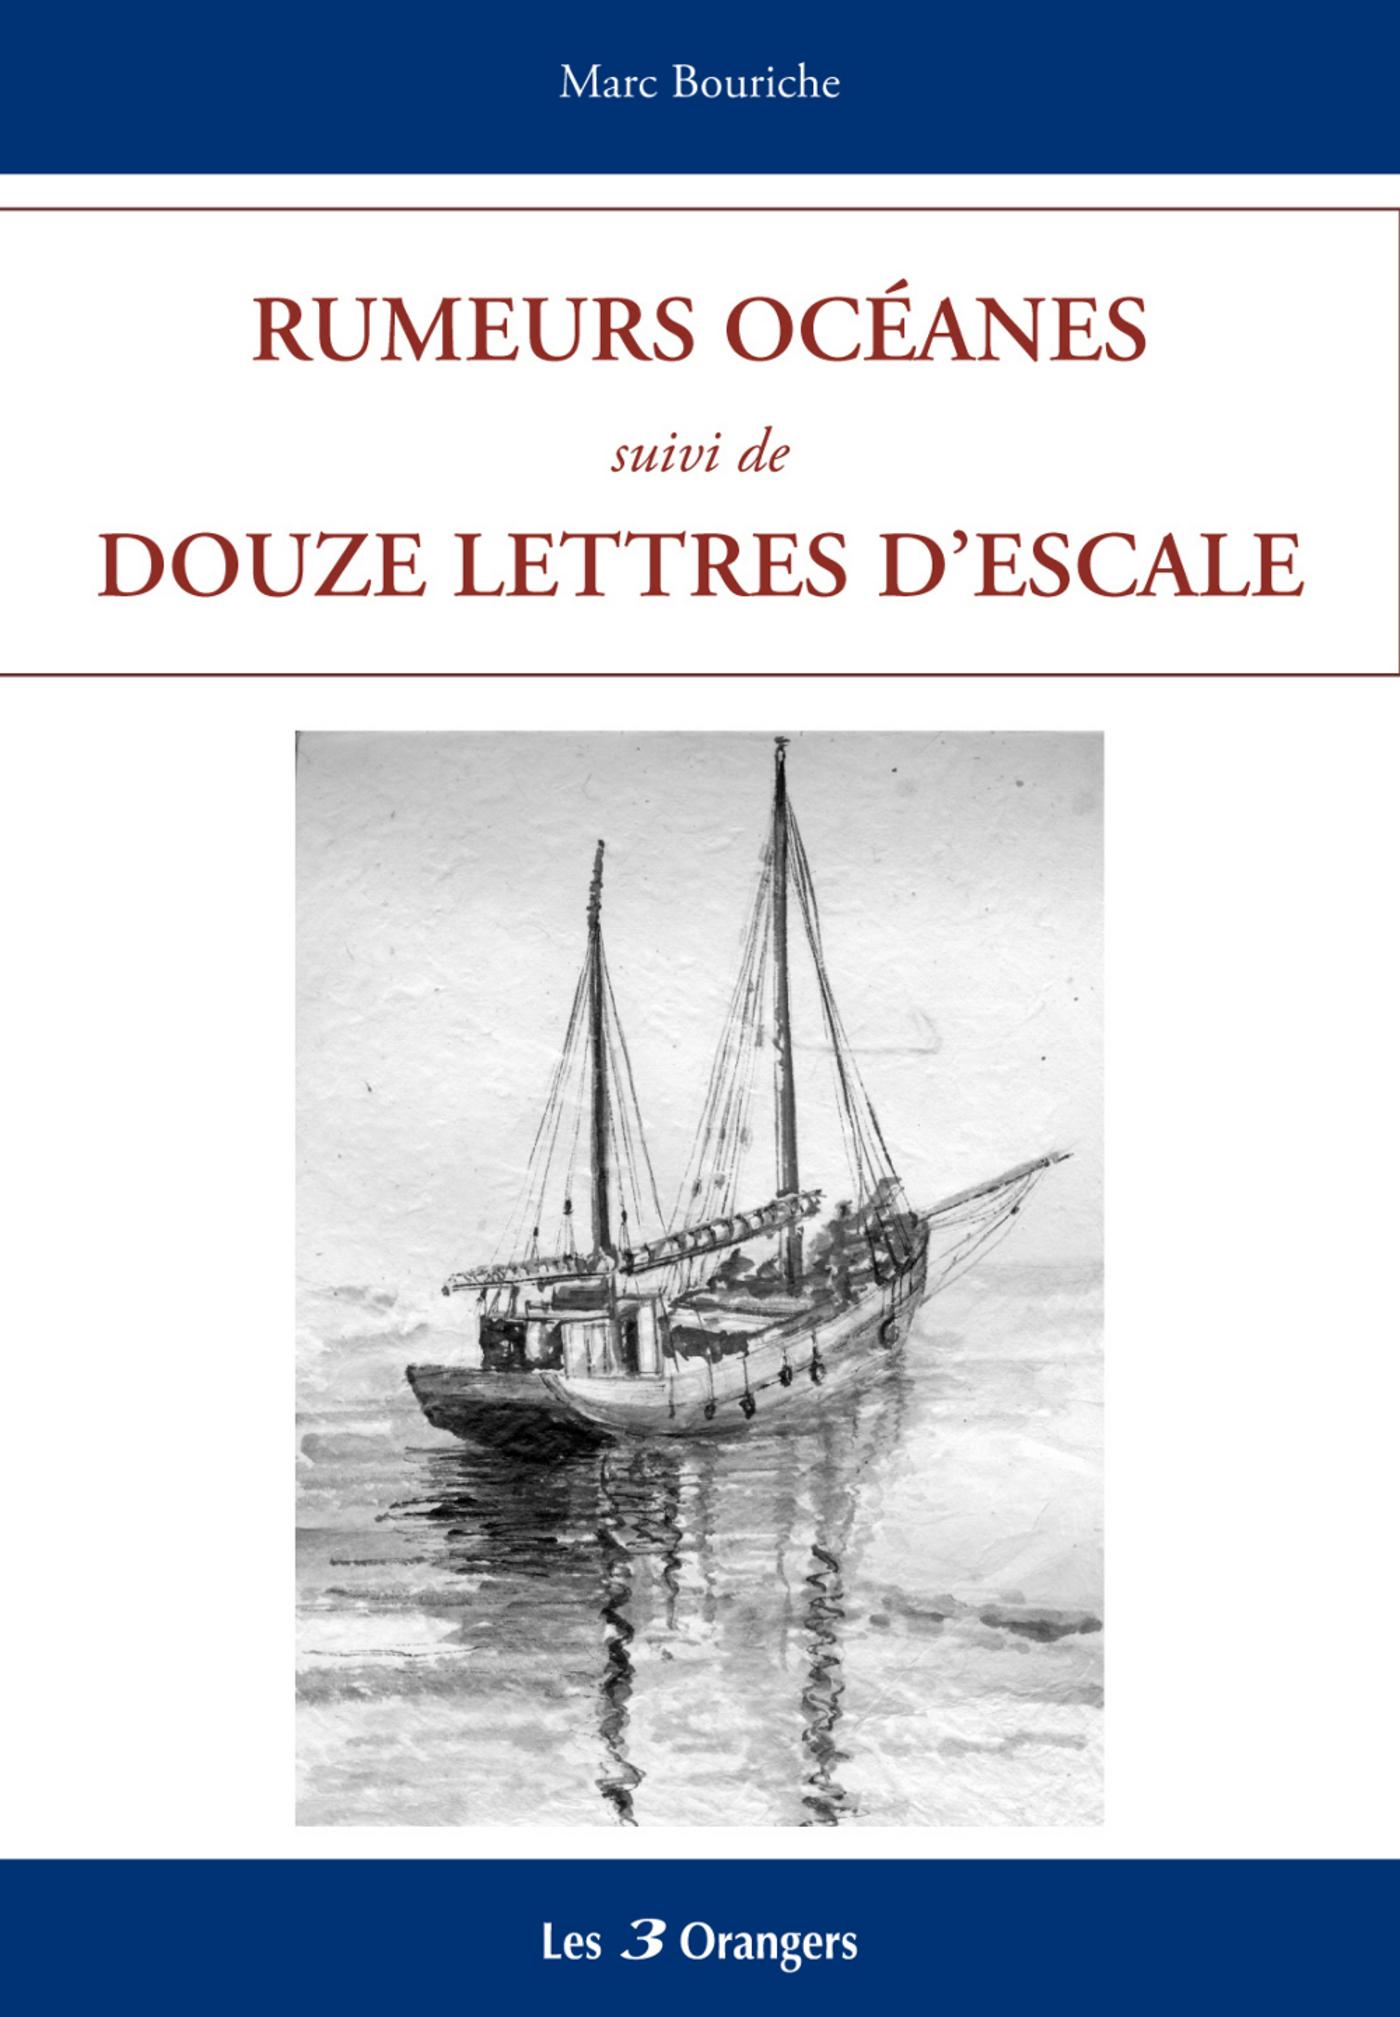 Rumeurs océanes suivies de Douze lettres d'escale